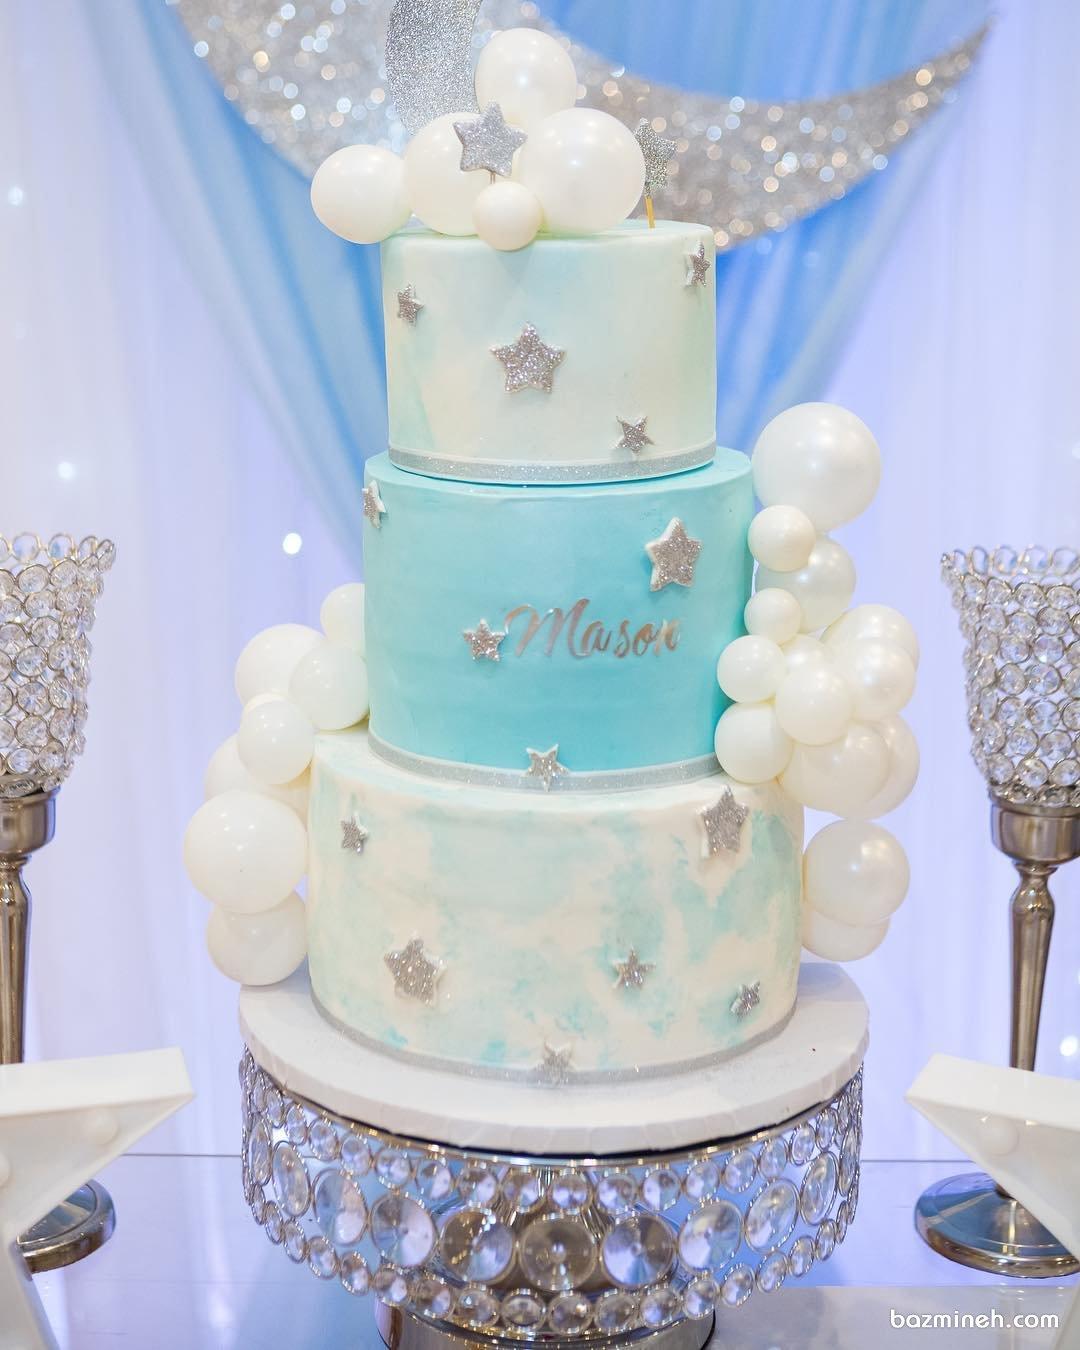 کیک چند طبقه جشن بیبی شاور پسرانه با تم ماه و ستاره تزیین شده با بادکنک های کوچولوی بامزه